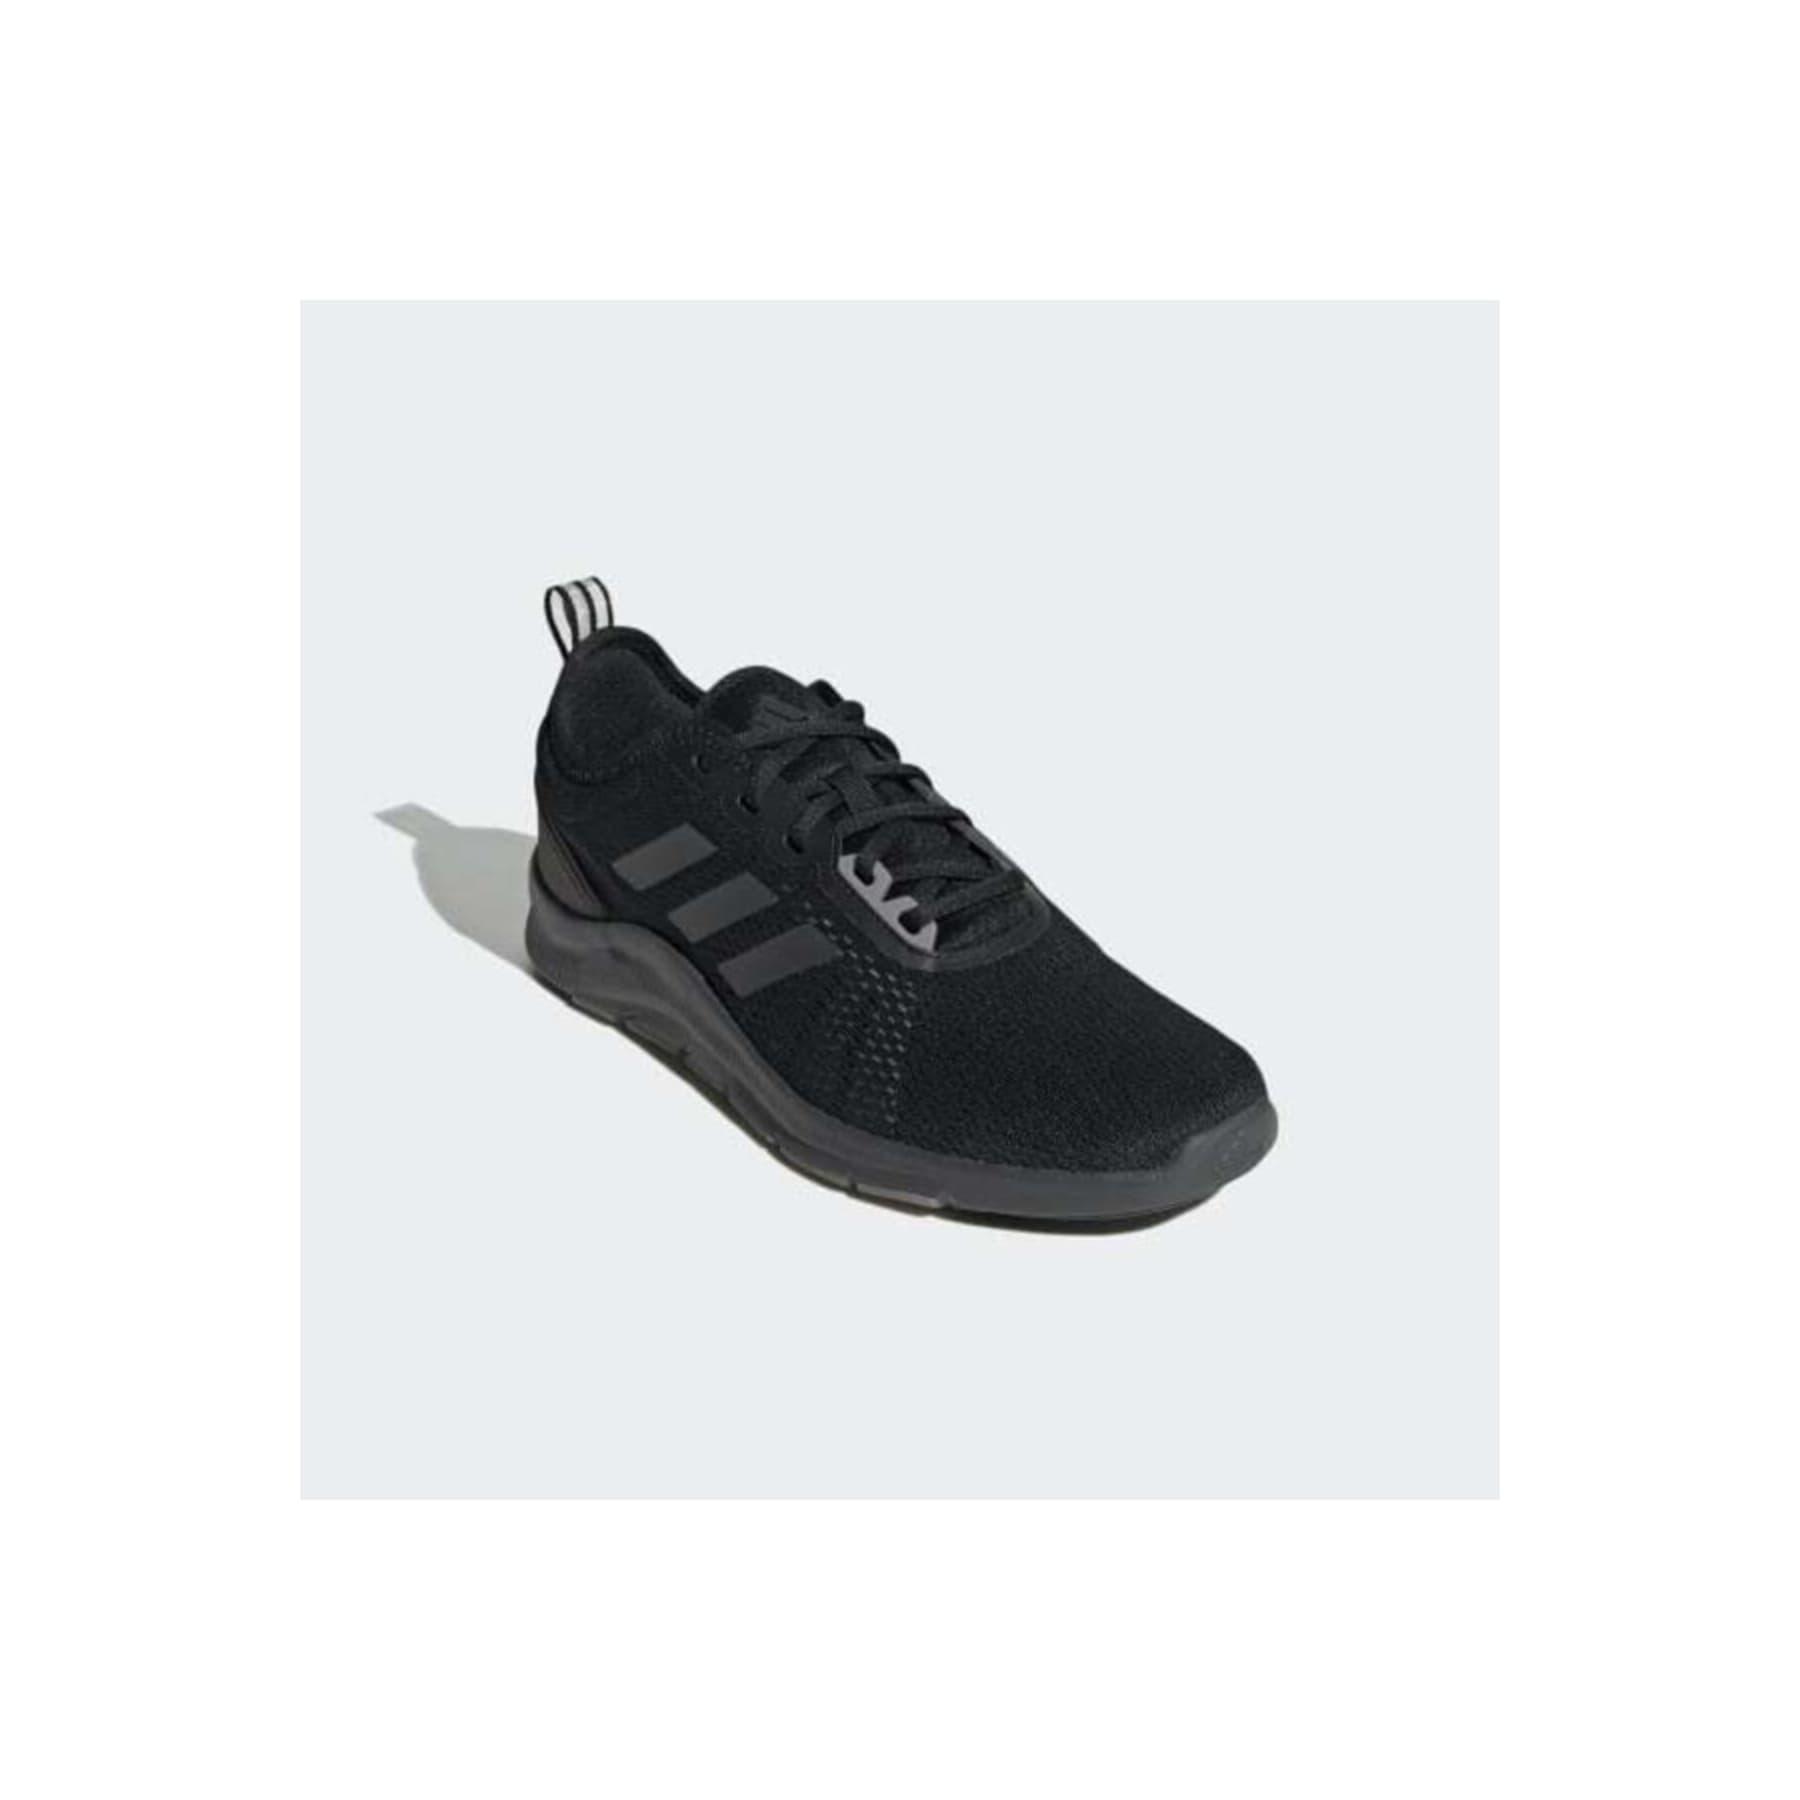 Asweetrain Erkek Siyah Antrenman Ayakkabısı (FW1662)